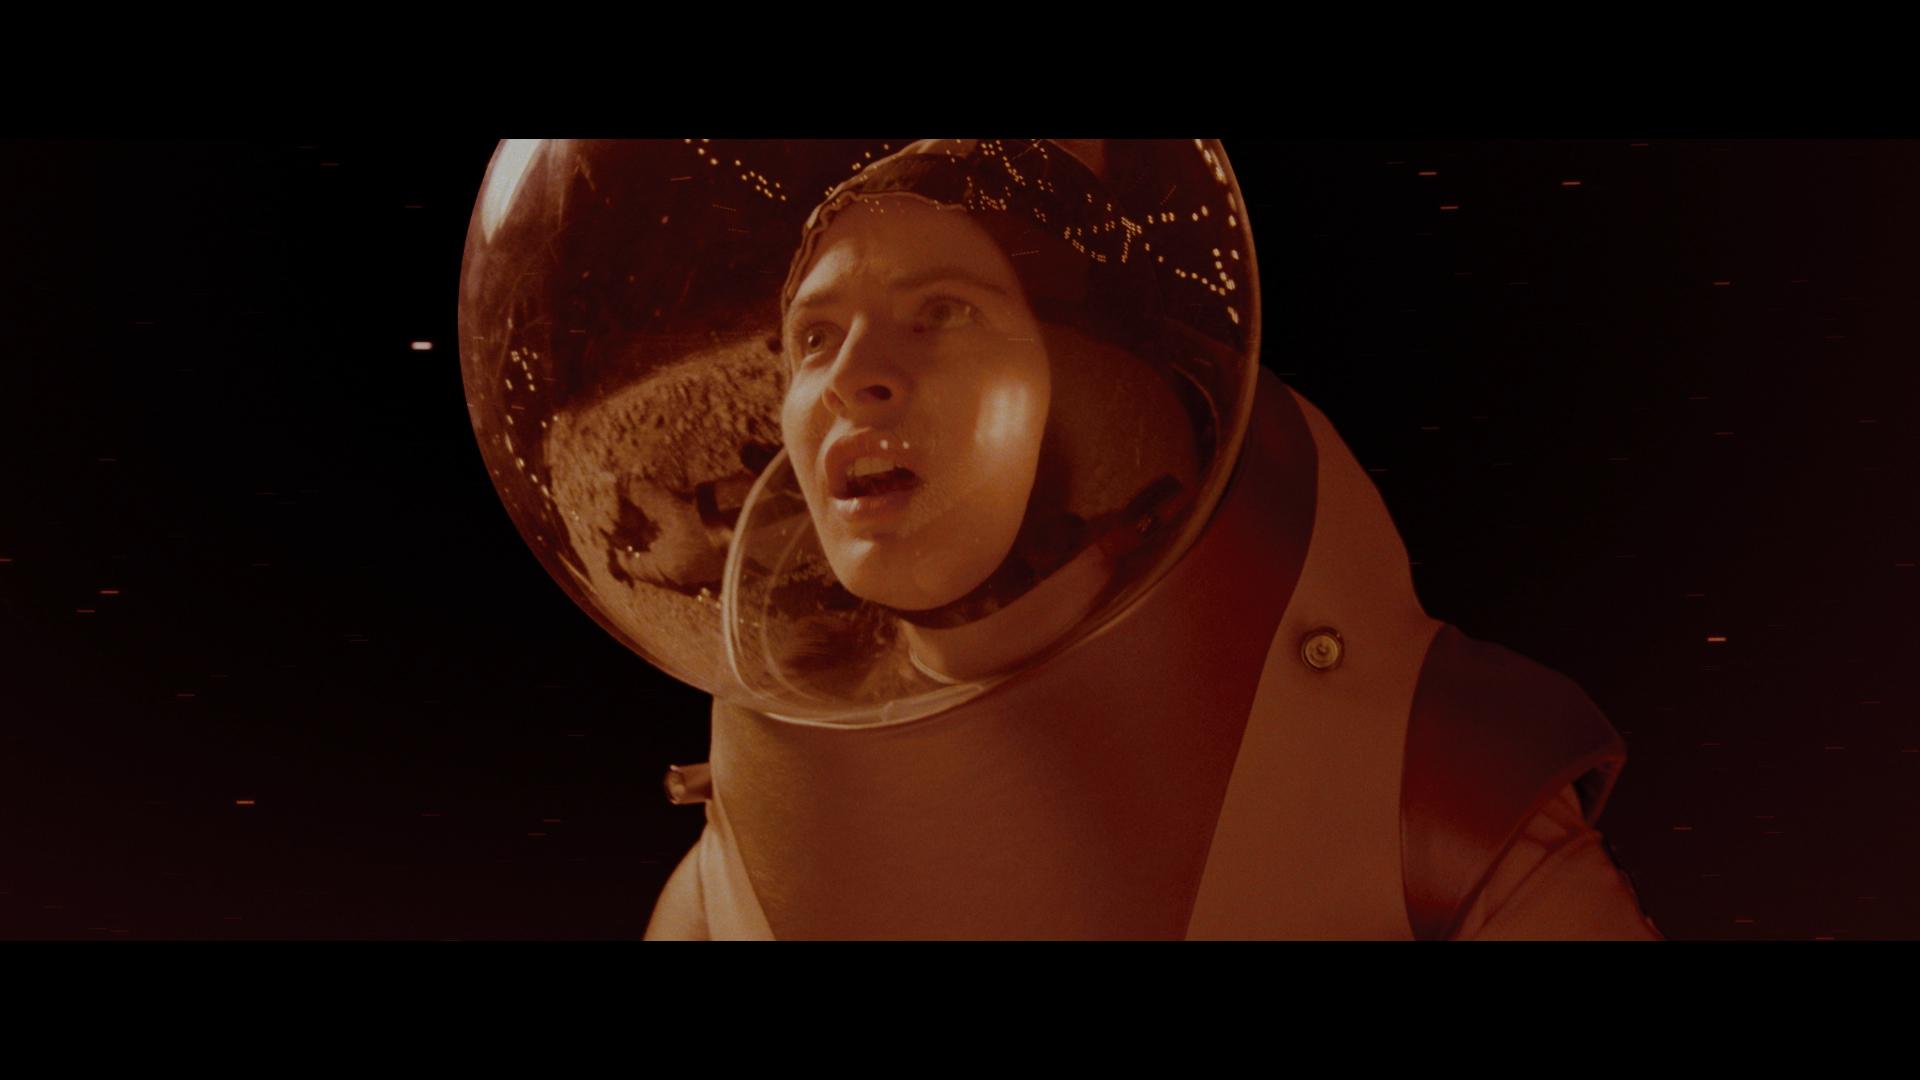 Mars IV